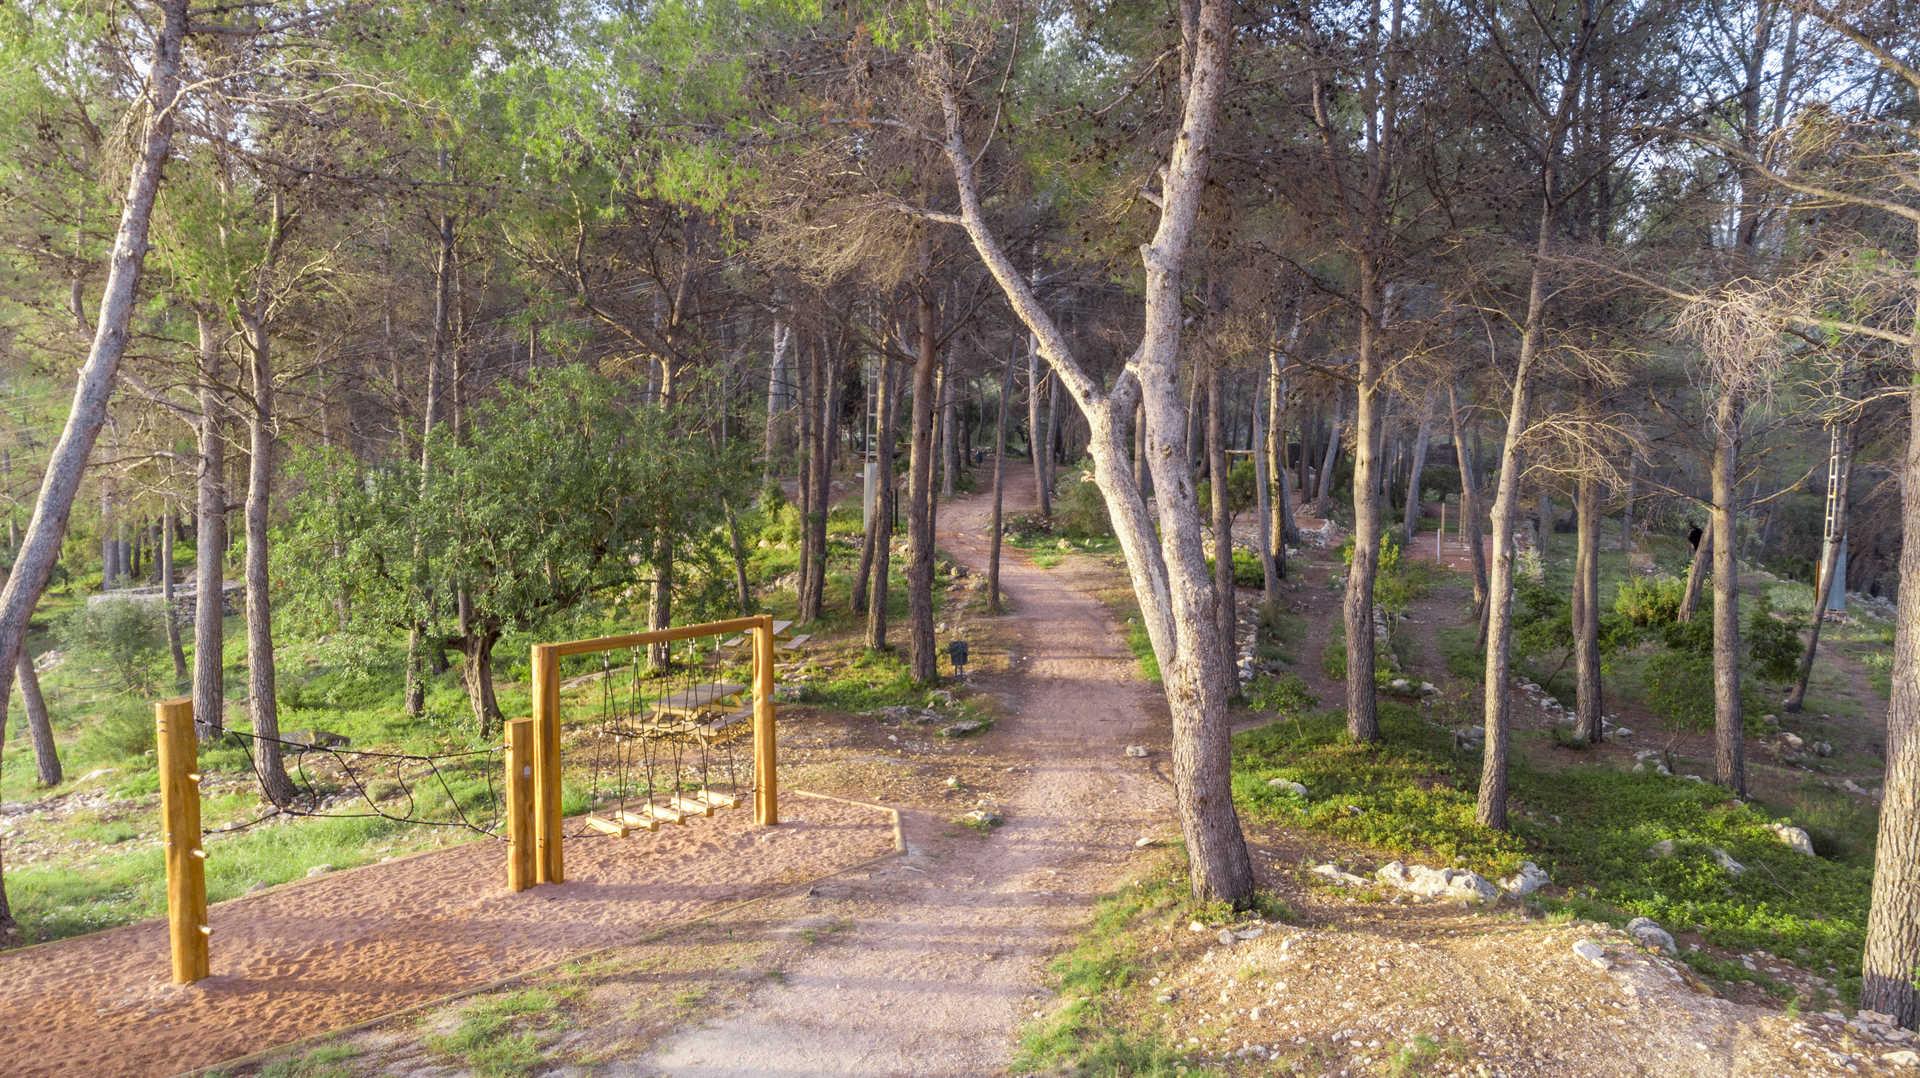 Parc Botànic 'El Tossalet' (Botanic garden)